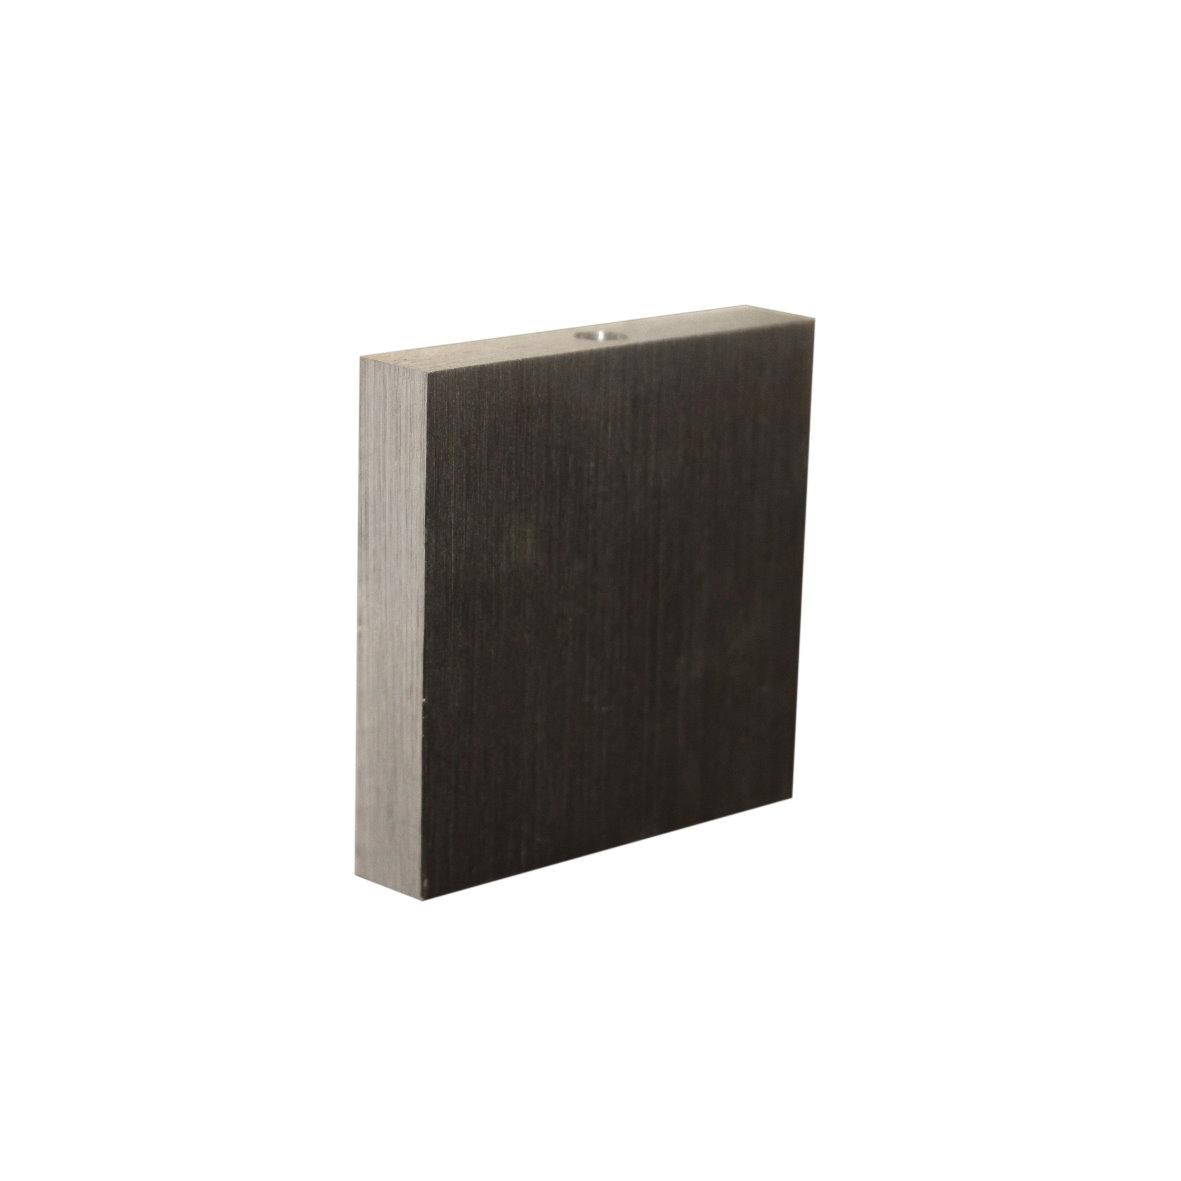 Faretti Da Muro Led: Faretti muro led applique lampada a parete moderno cubo.